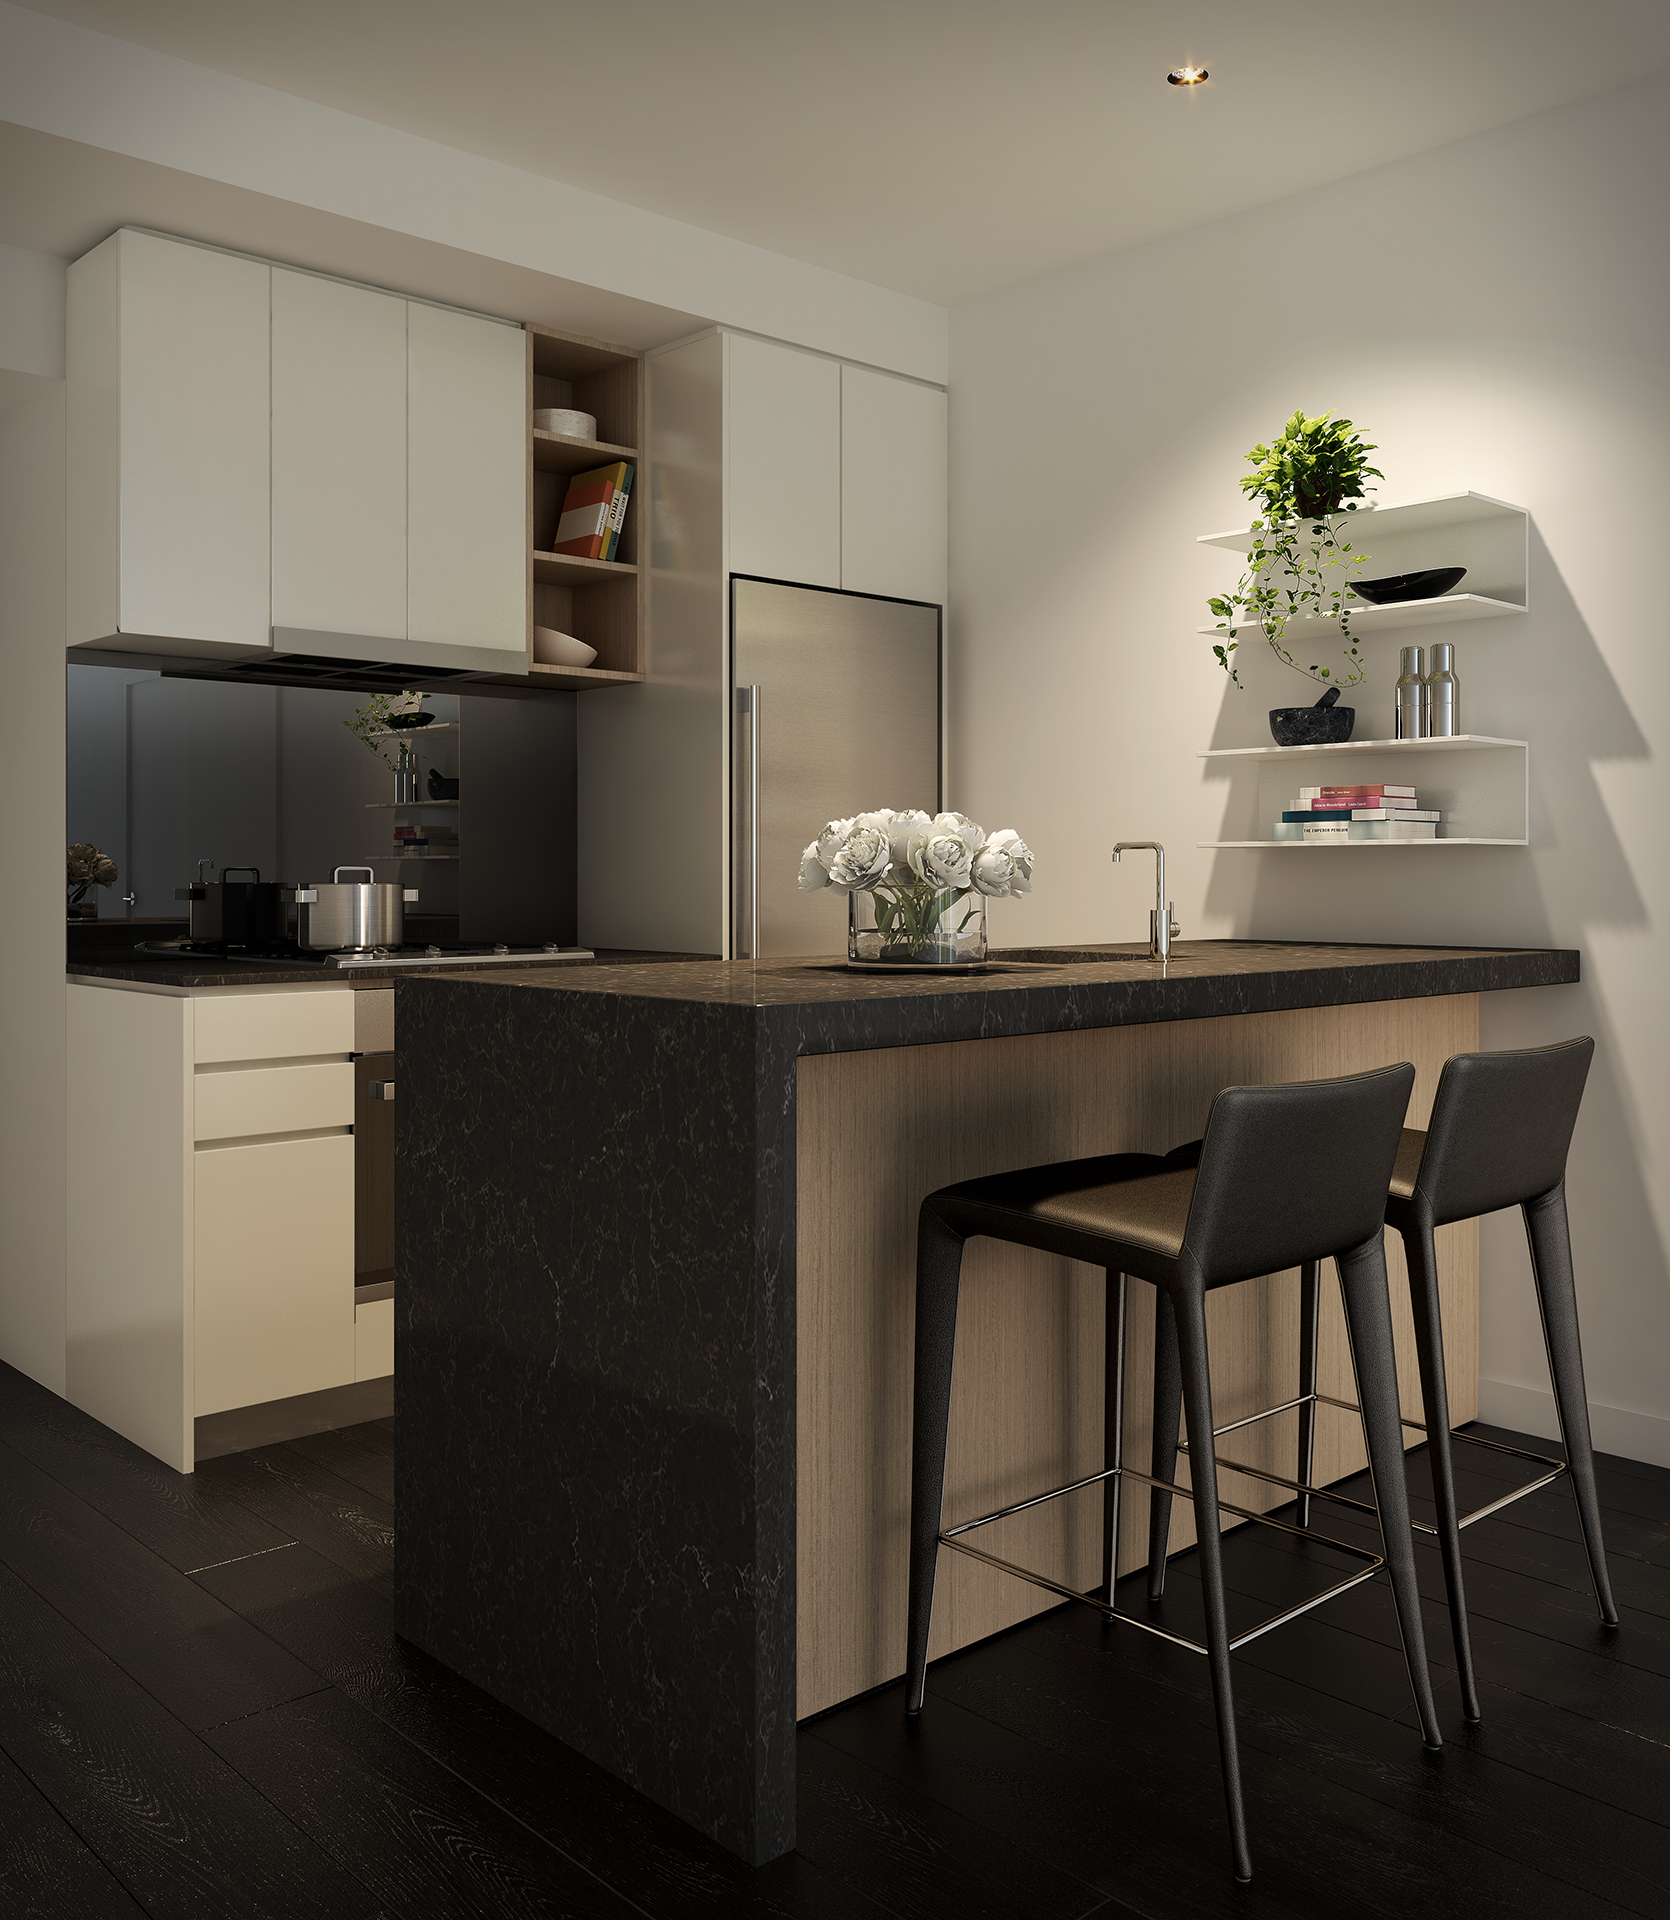 SALV9670_Platinum Apartments_IN02b_Typic